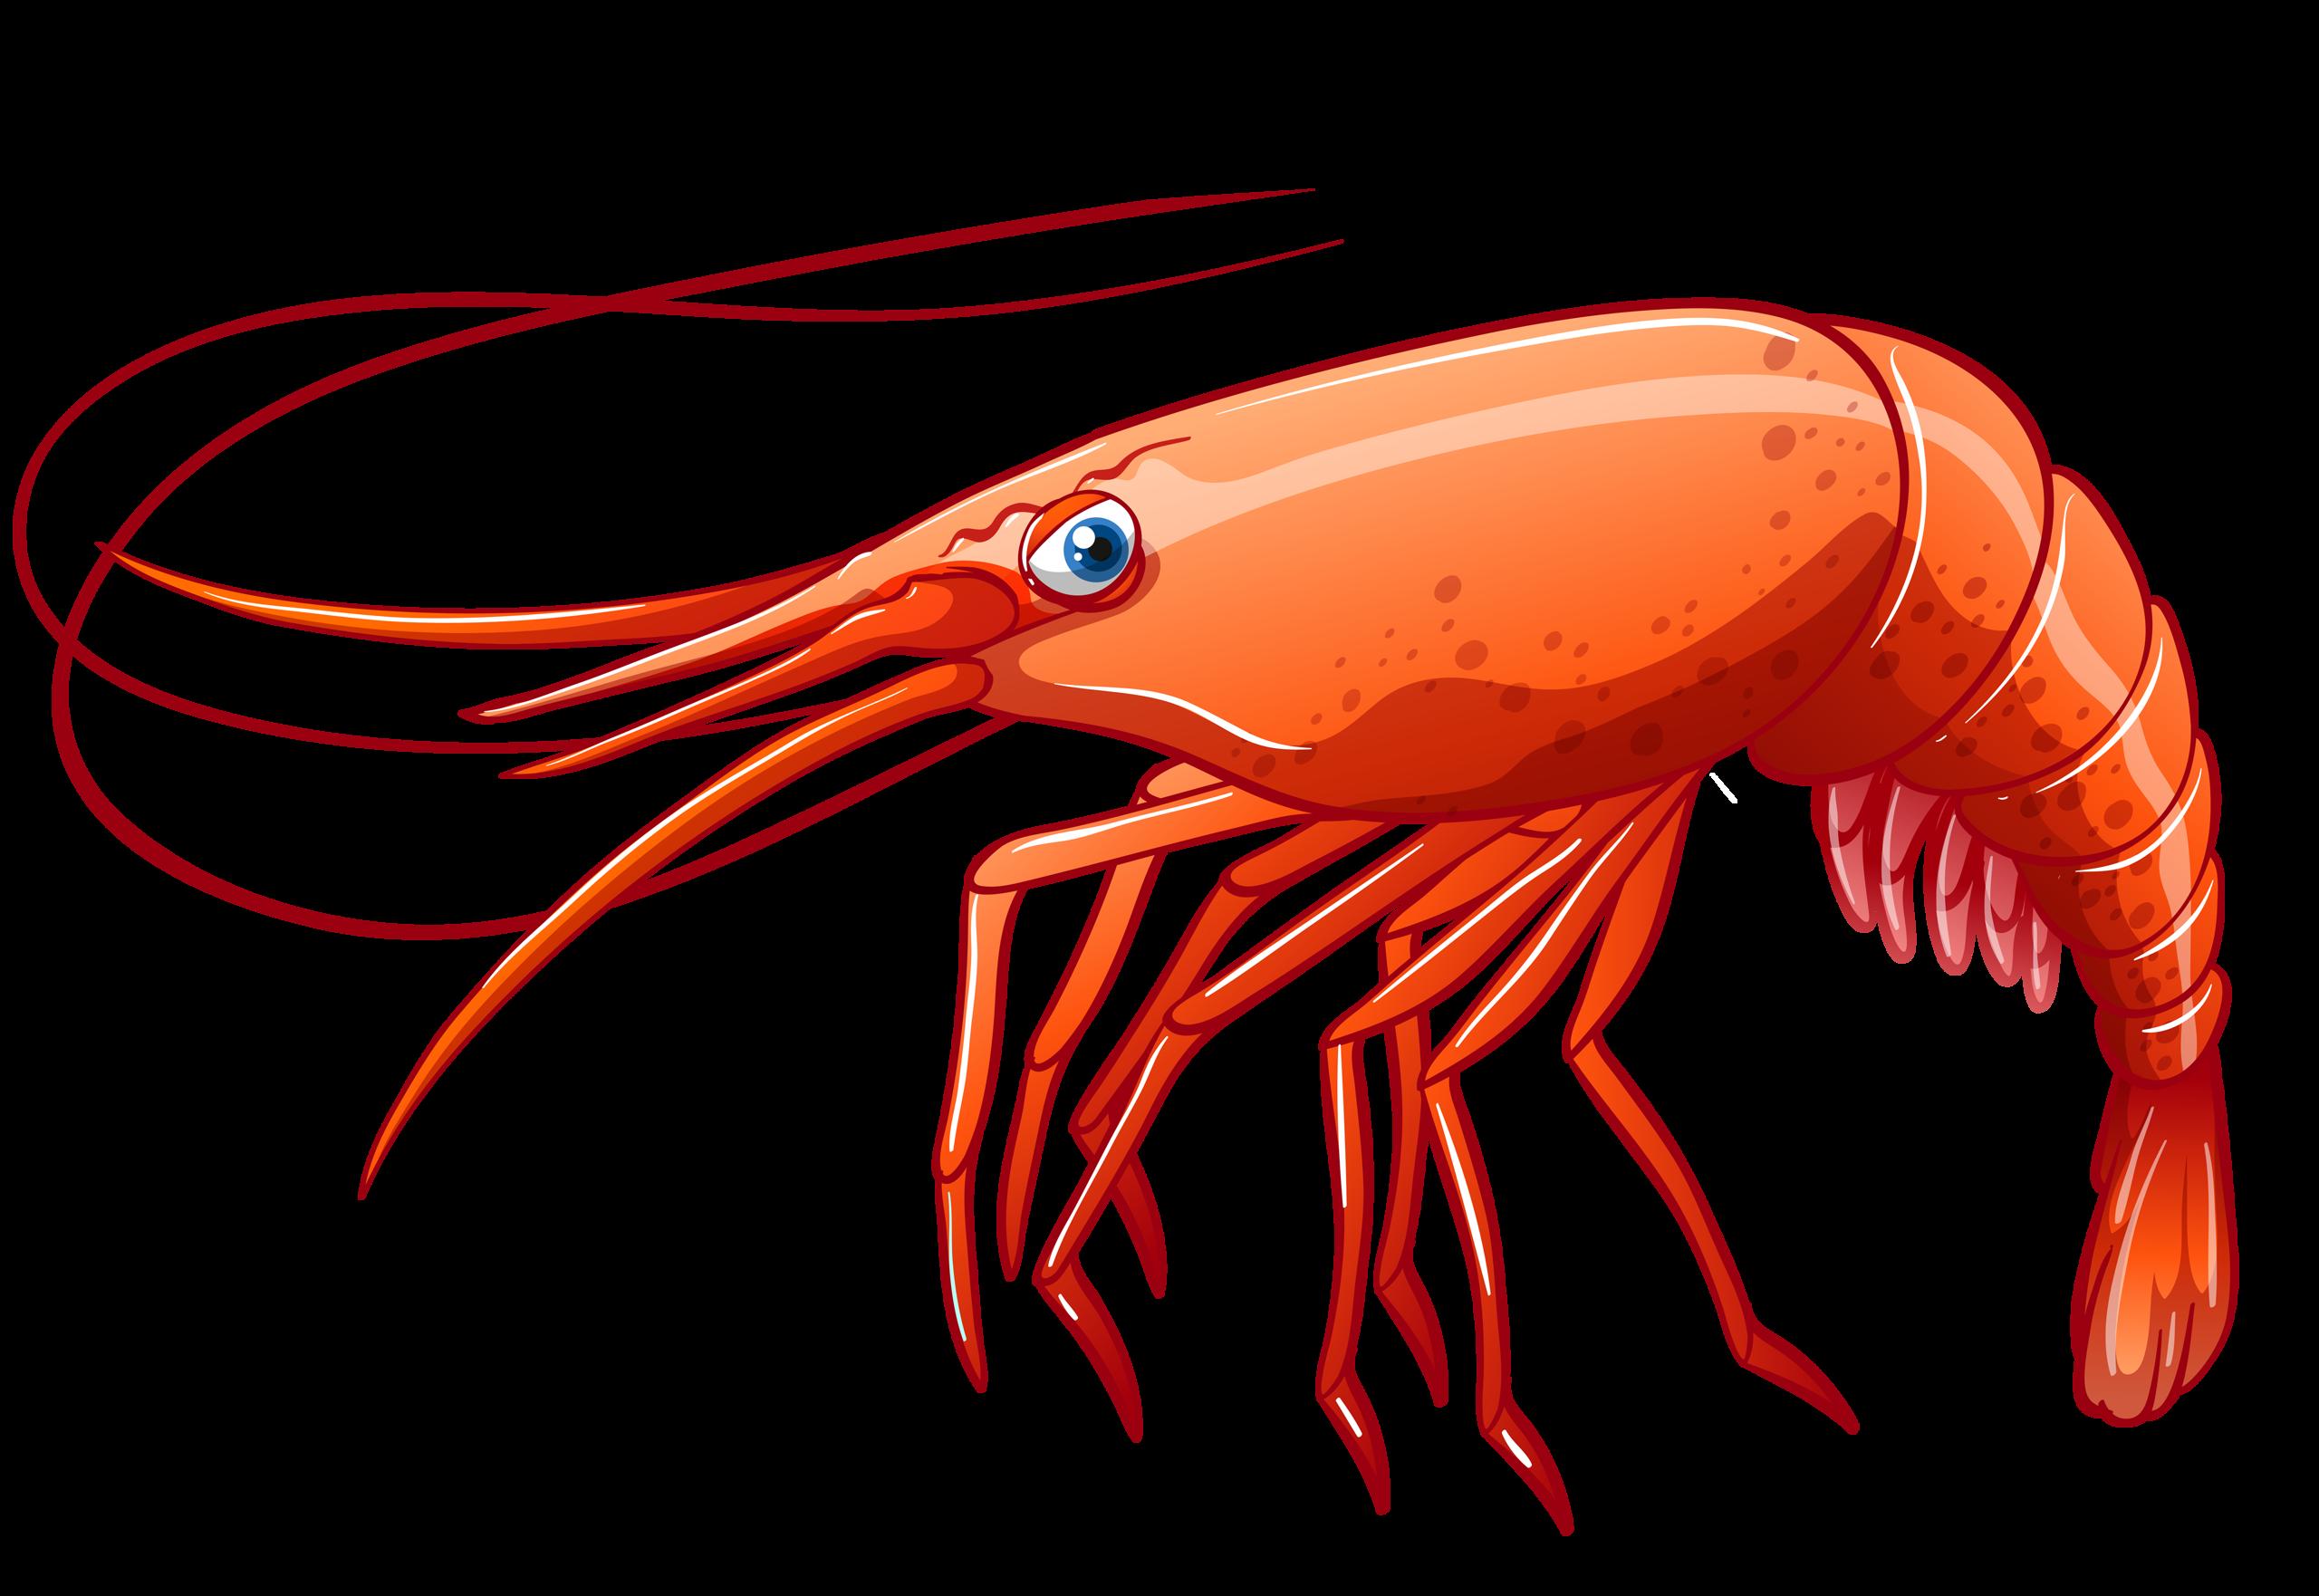 png clip art. Fish clipart shrimp